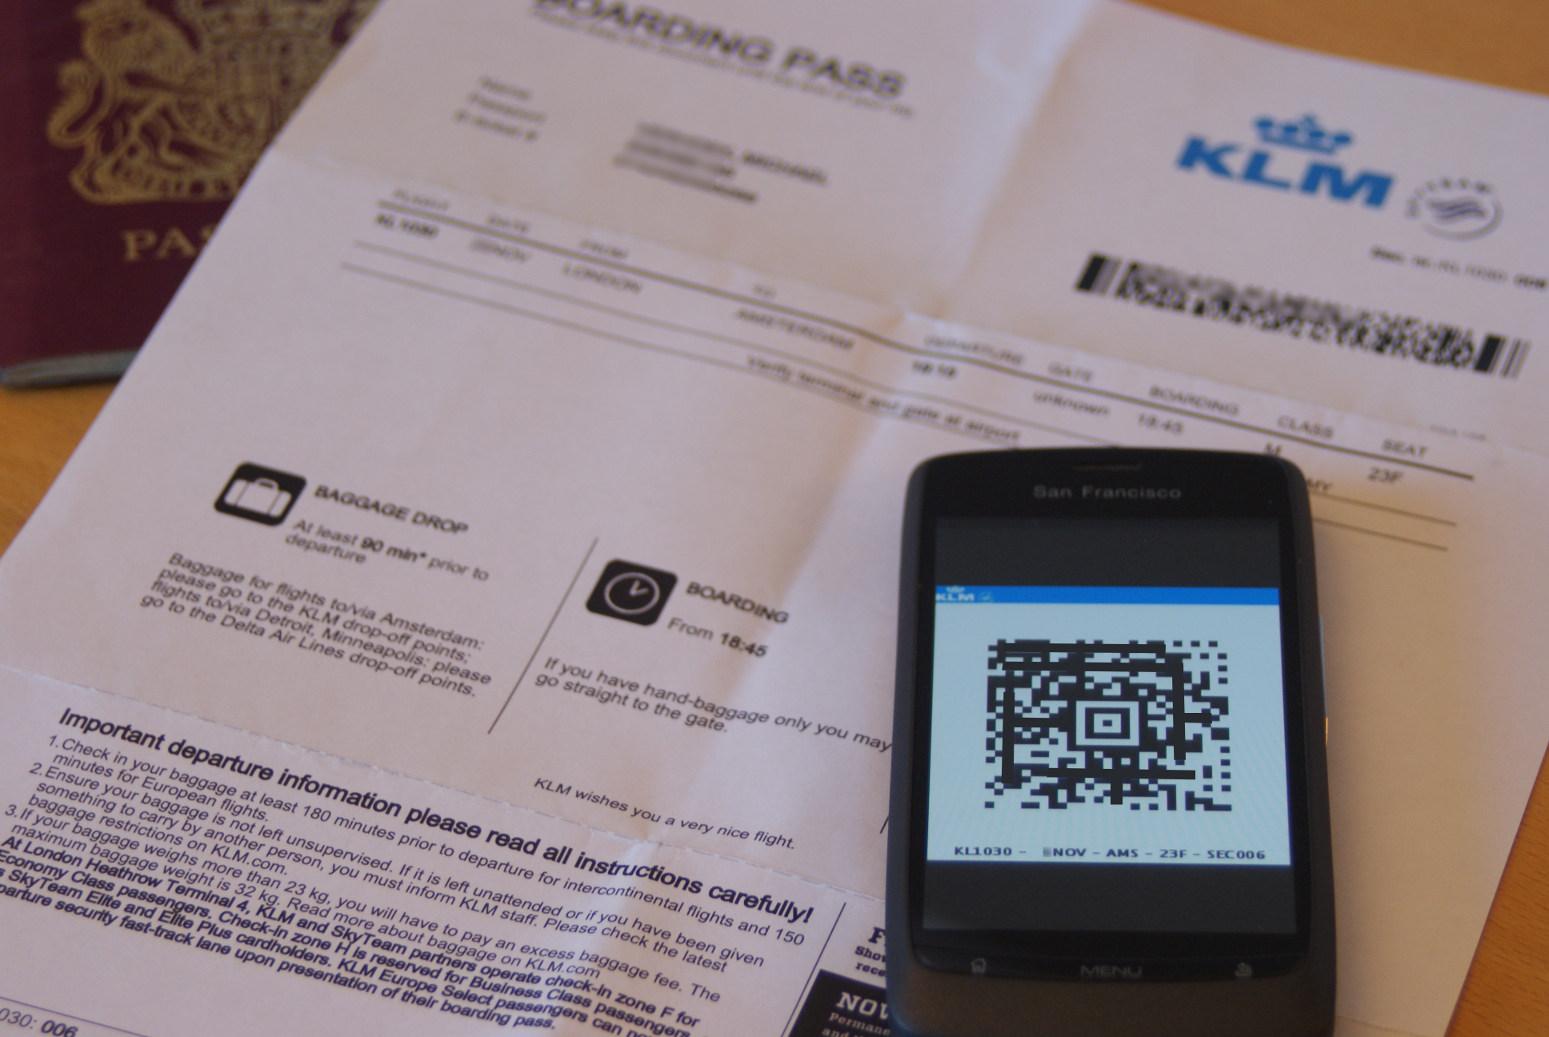 引用元 https://upload.wikimedia.org/wikipedia/commons/5/5f/Mobile_boarding_pass_KLM.JPG